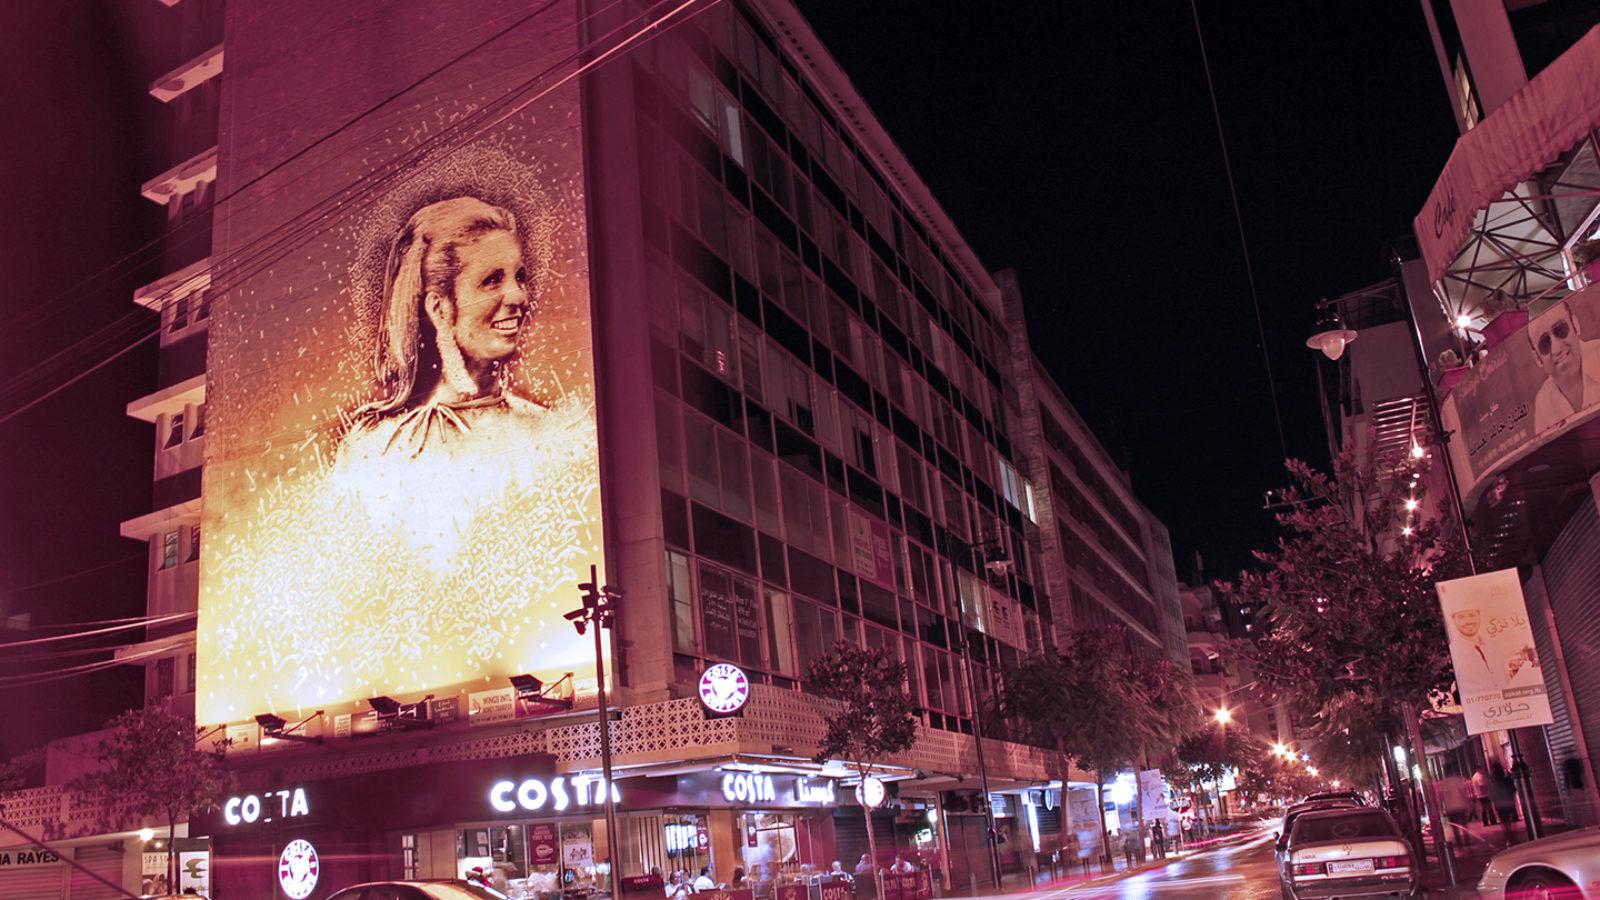 Eternal_Sabah_Mural_on_Assaf_building_in_Hamra,Beirut_-_Nightshot